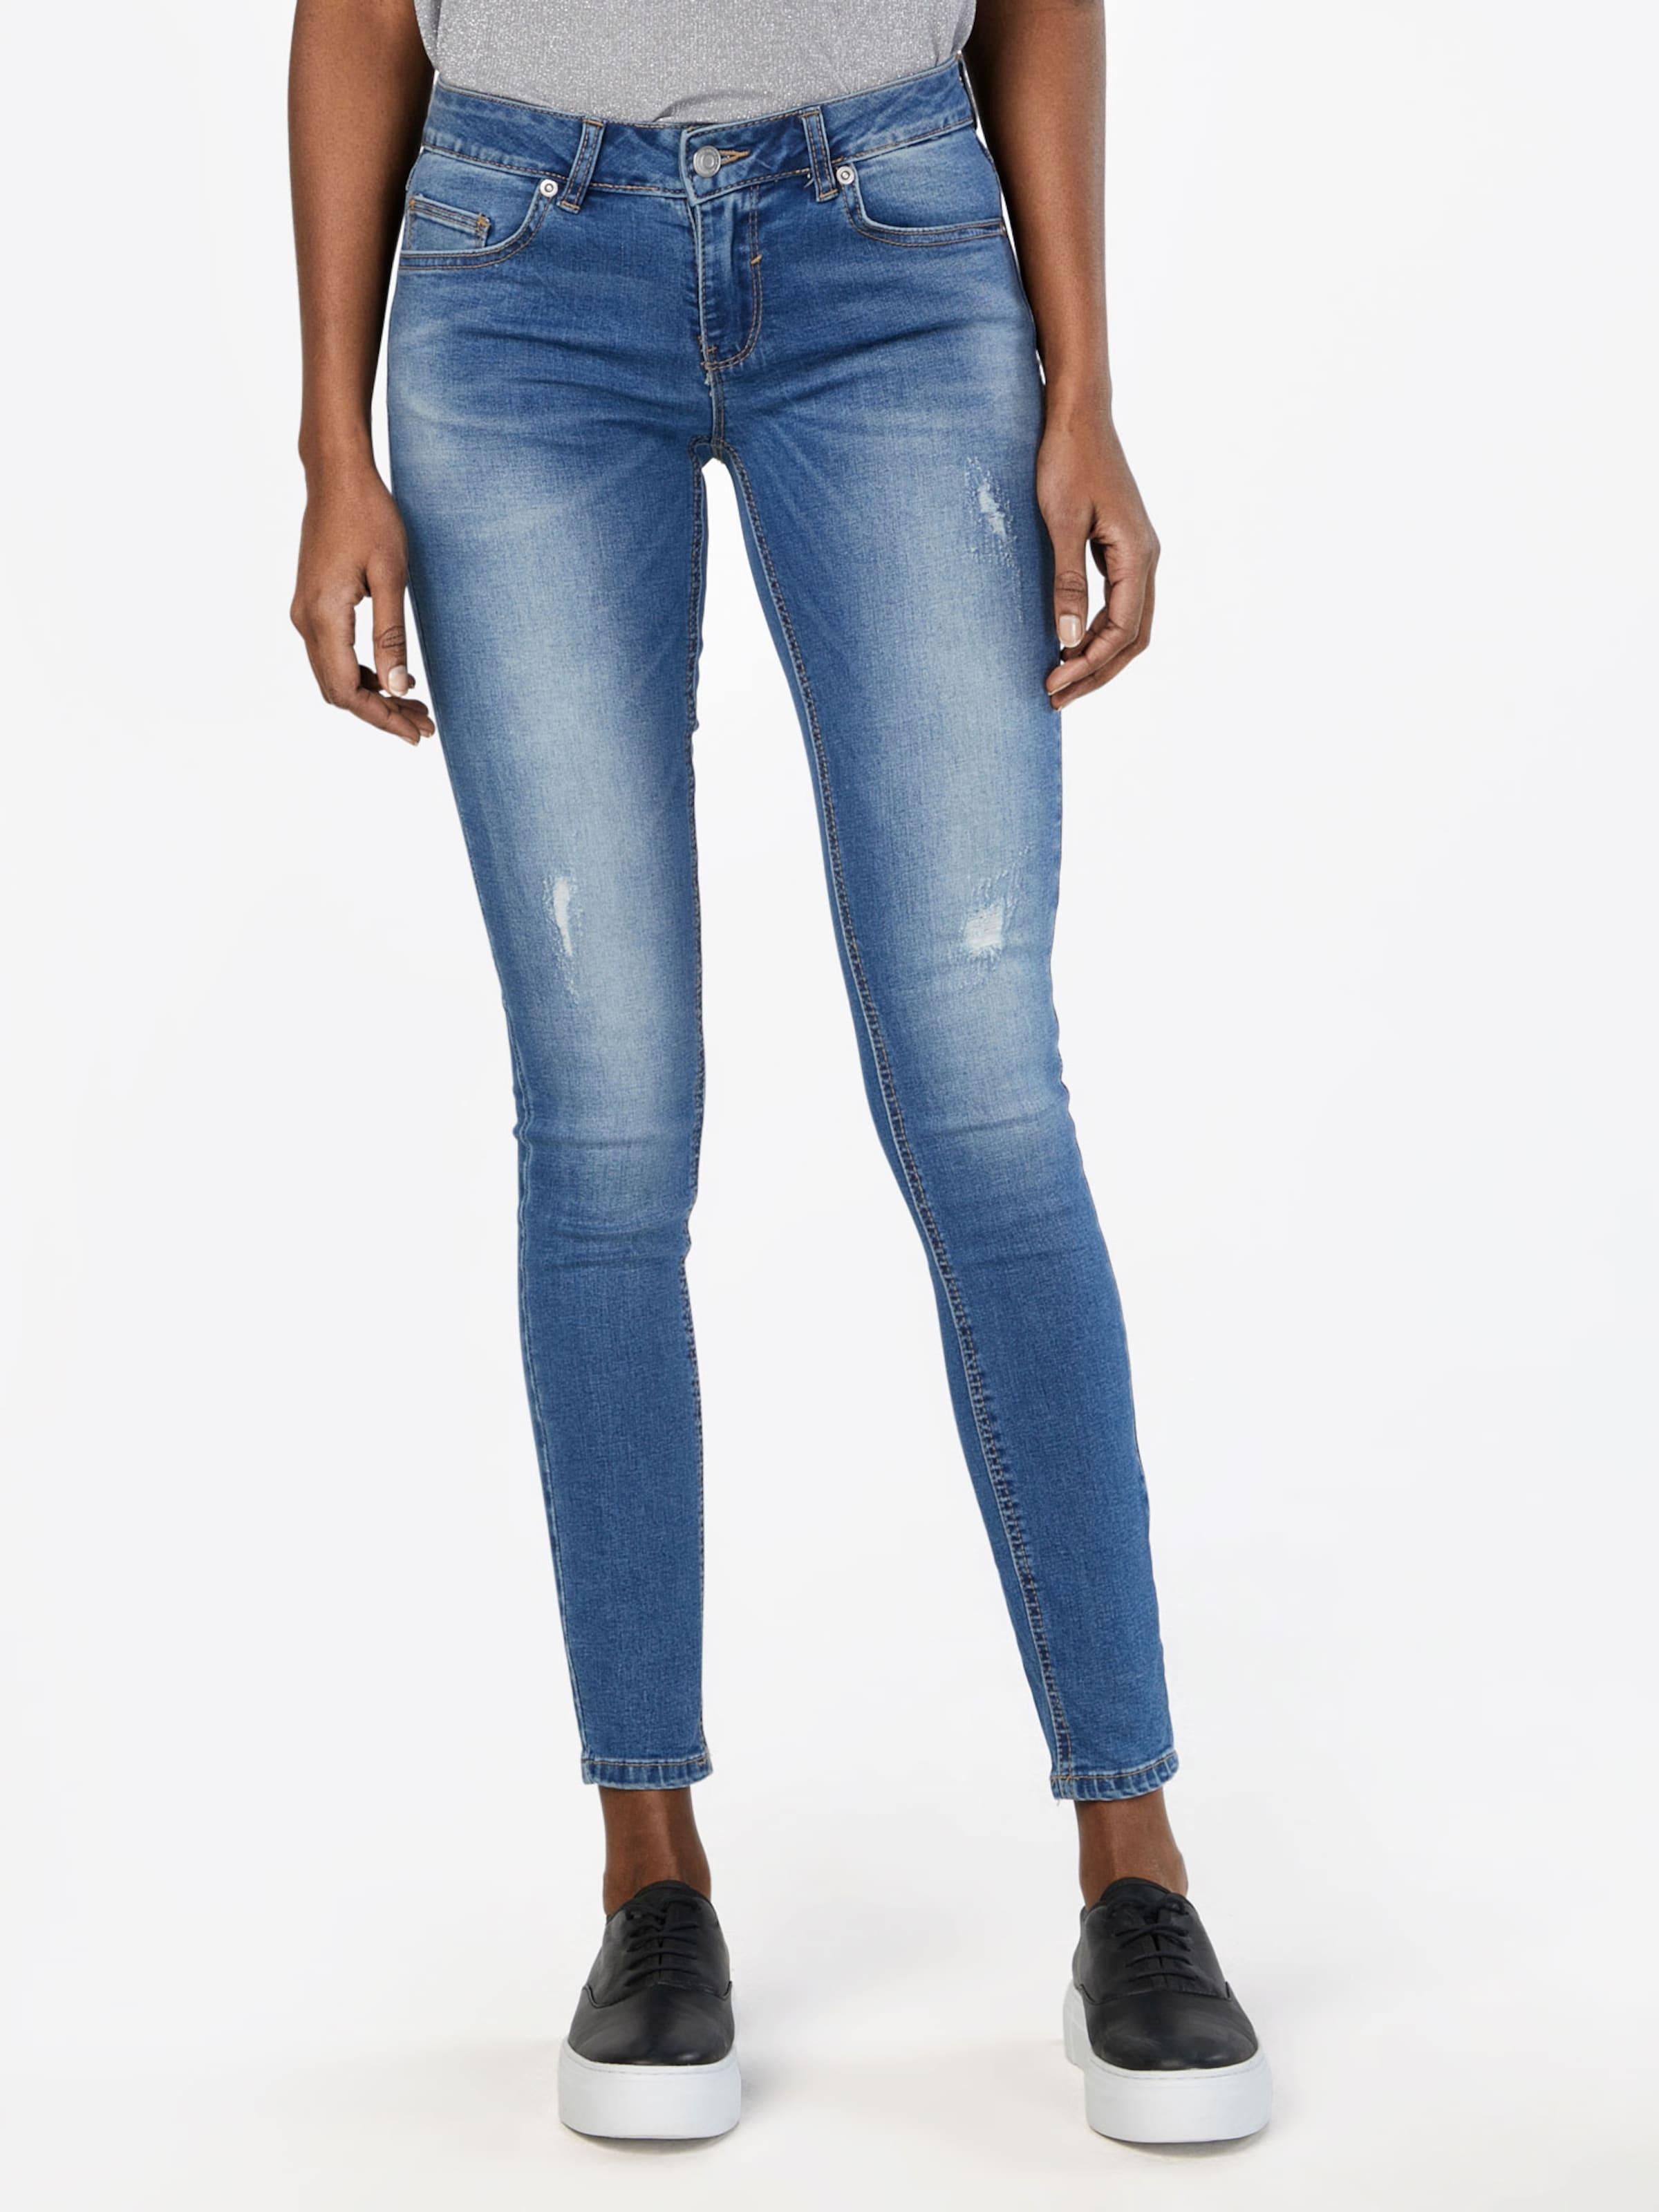 Classic Zum Verkauf GREYSTONE Jeans Echt Günstiger Preis GzlpD